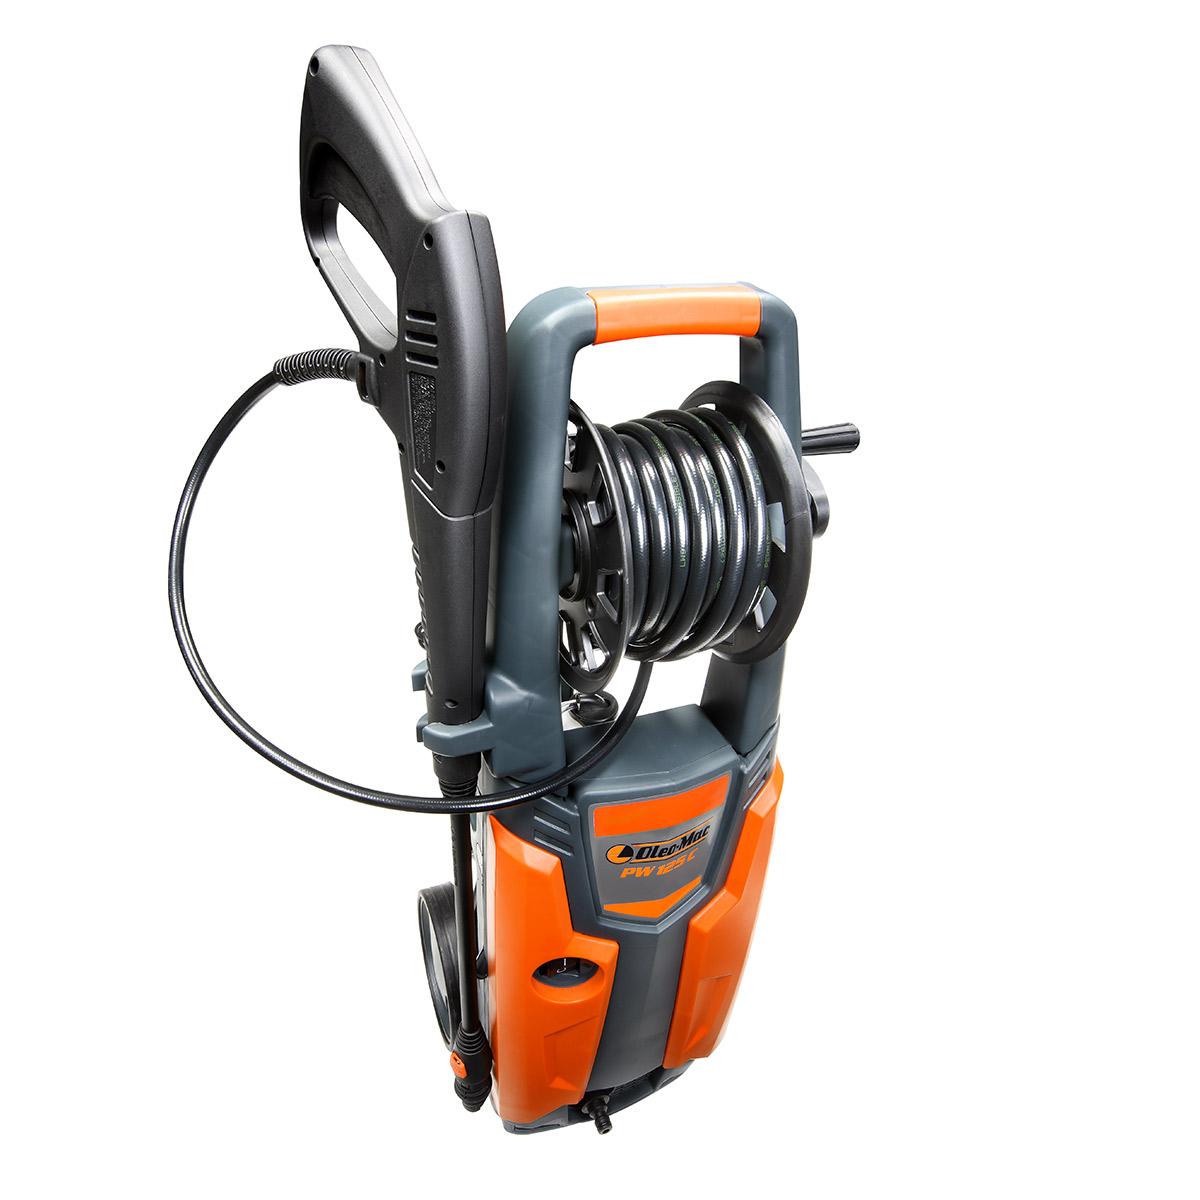 πλυστικό μηχάνημα υψηλής πίεσης Oleo-Mac PW125C - 150bar - 2350Watt